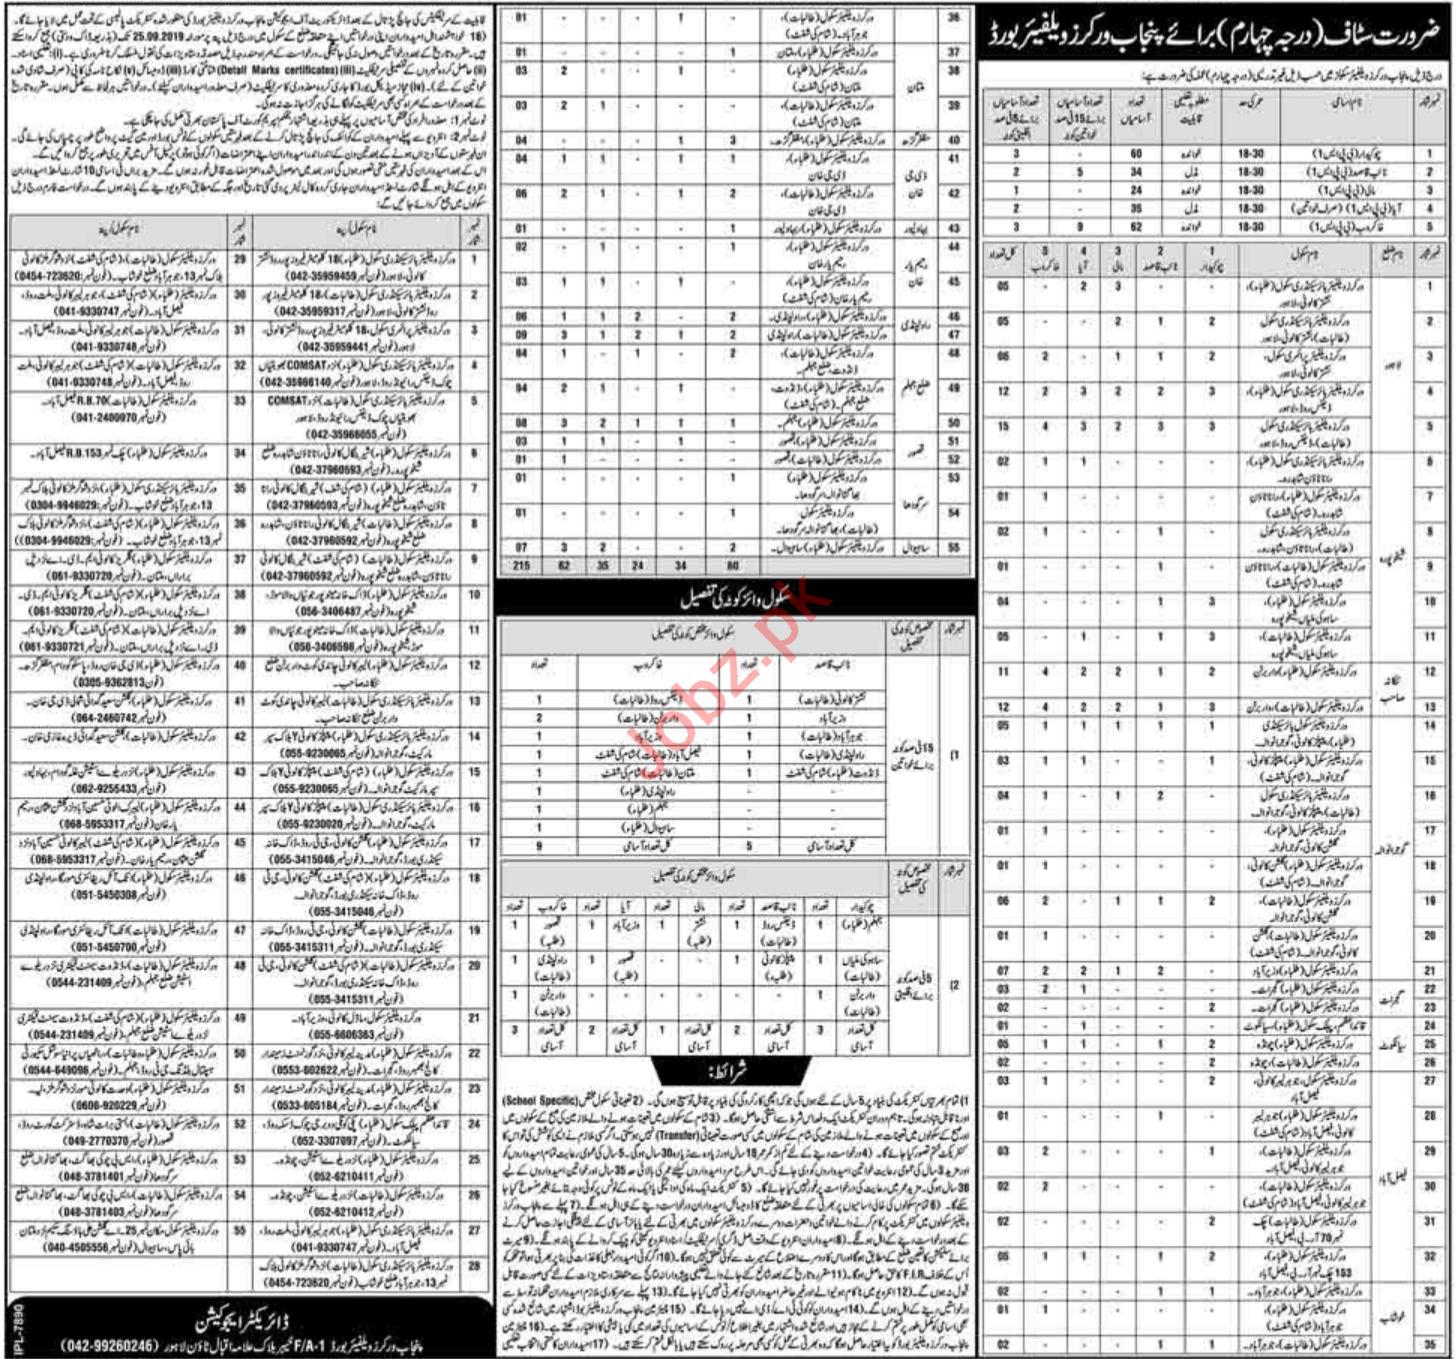 Punjab Workers Welfare Schools Jobs in Lahore